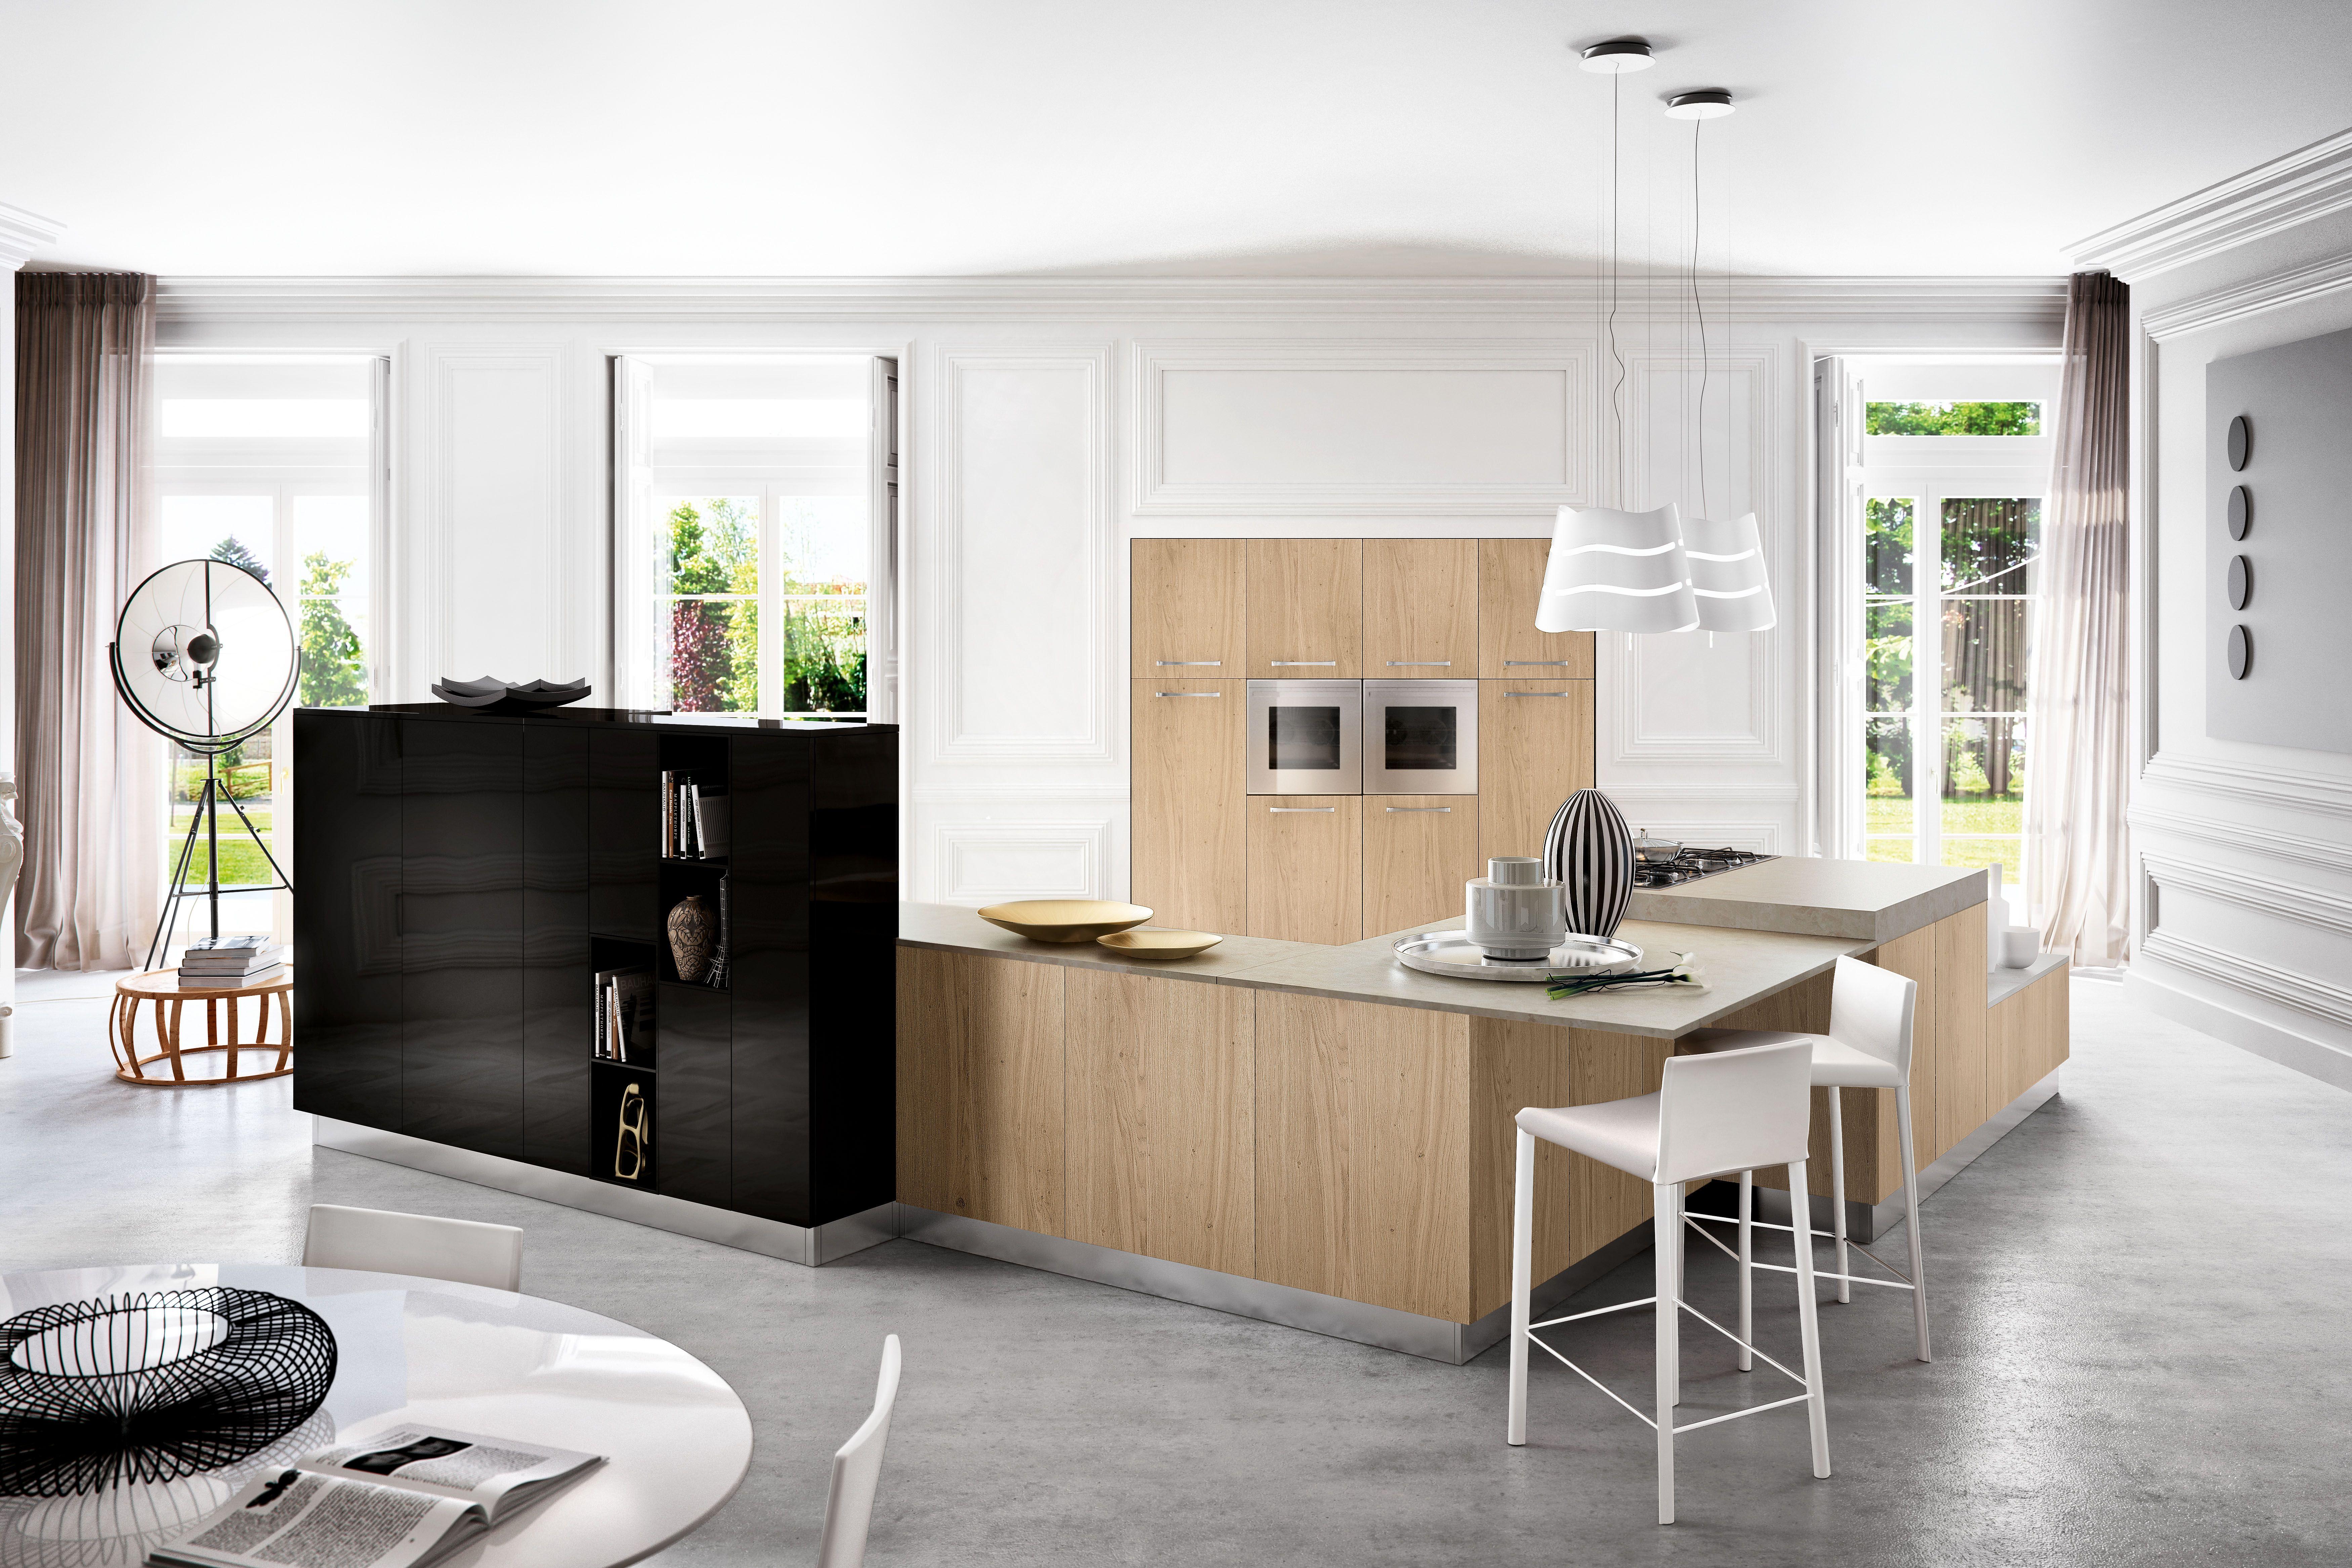 Pin by La Galerie Design | Italian Kitchens & Interior Design on ...